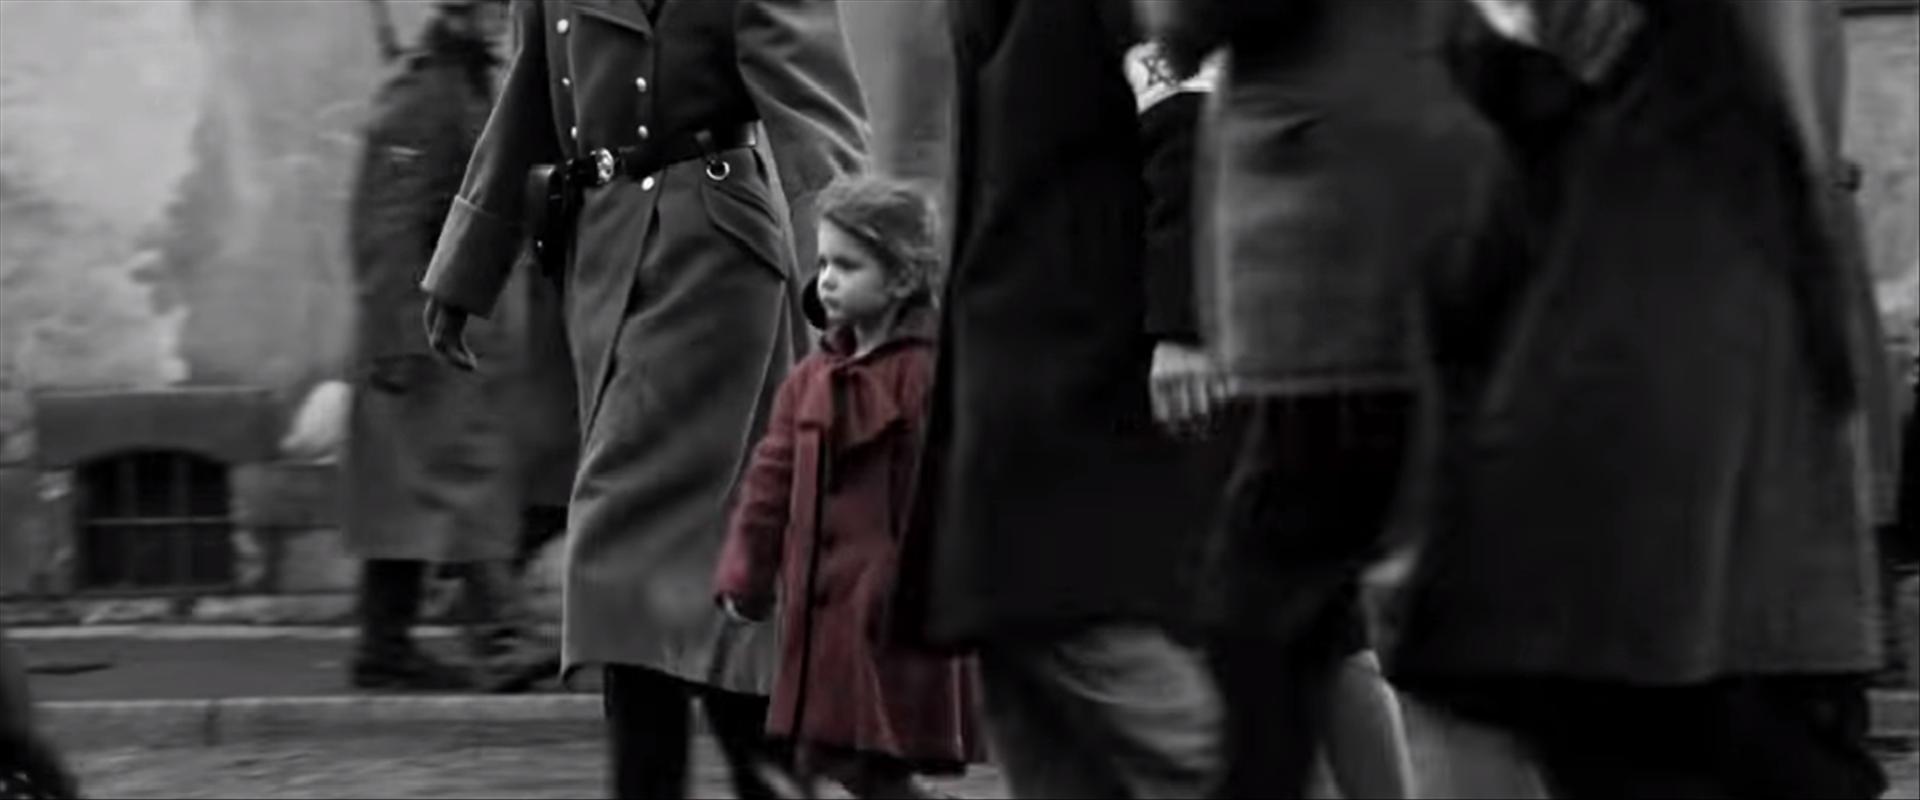 """ילדה עם מעיל אדום מתוך """"רשימת שינדלר"""""""